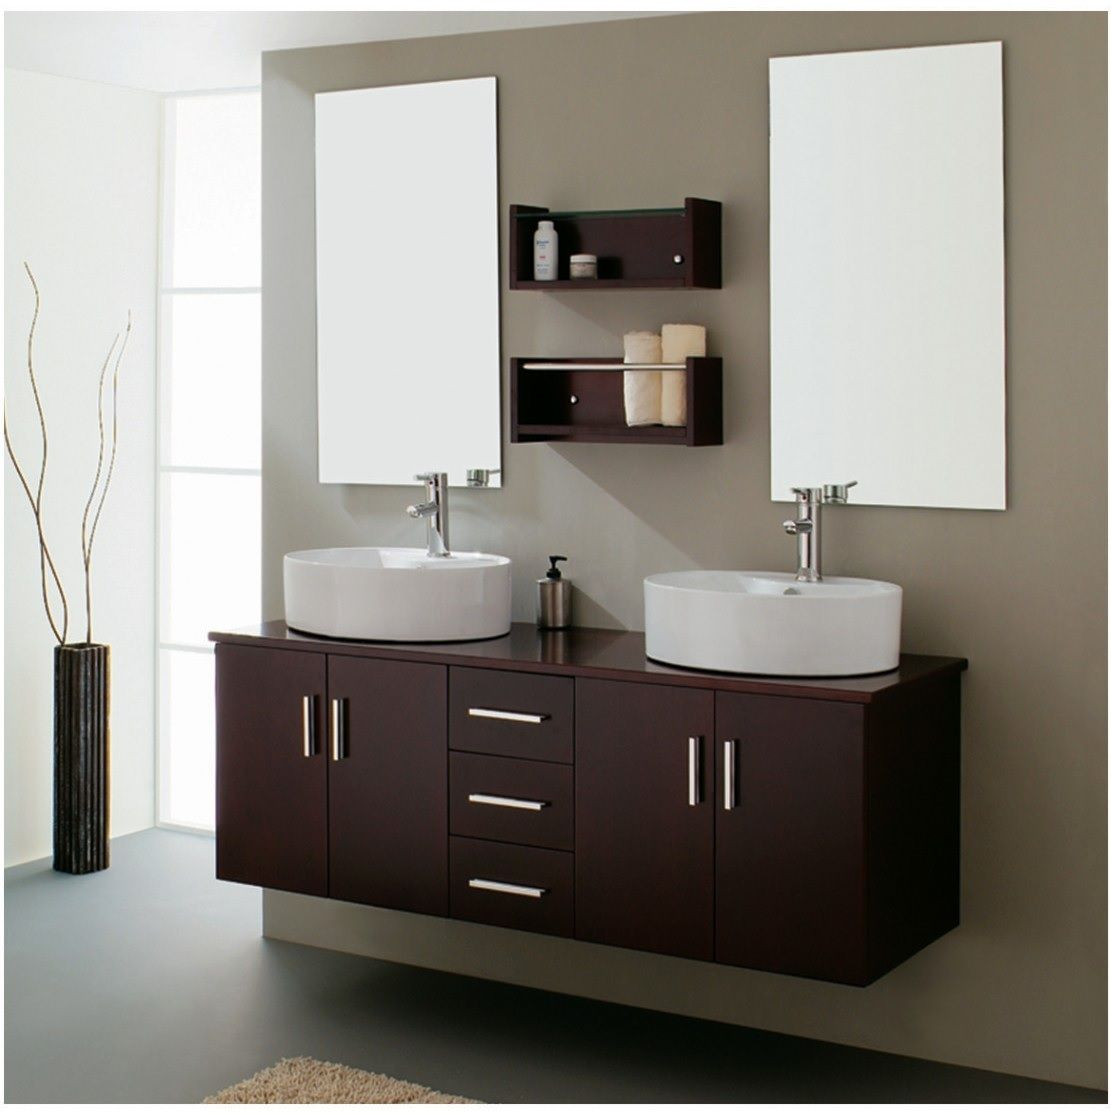 Farmhouse bathroom ideas bathroom vanities bathroom color ideas